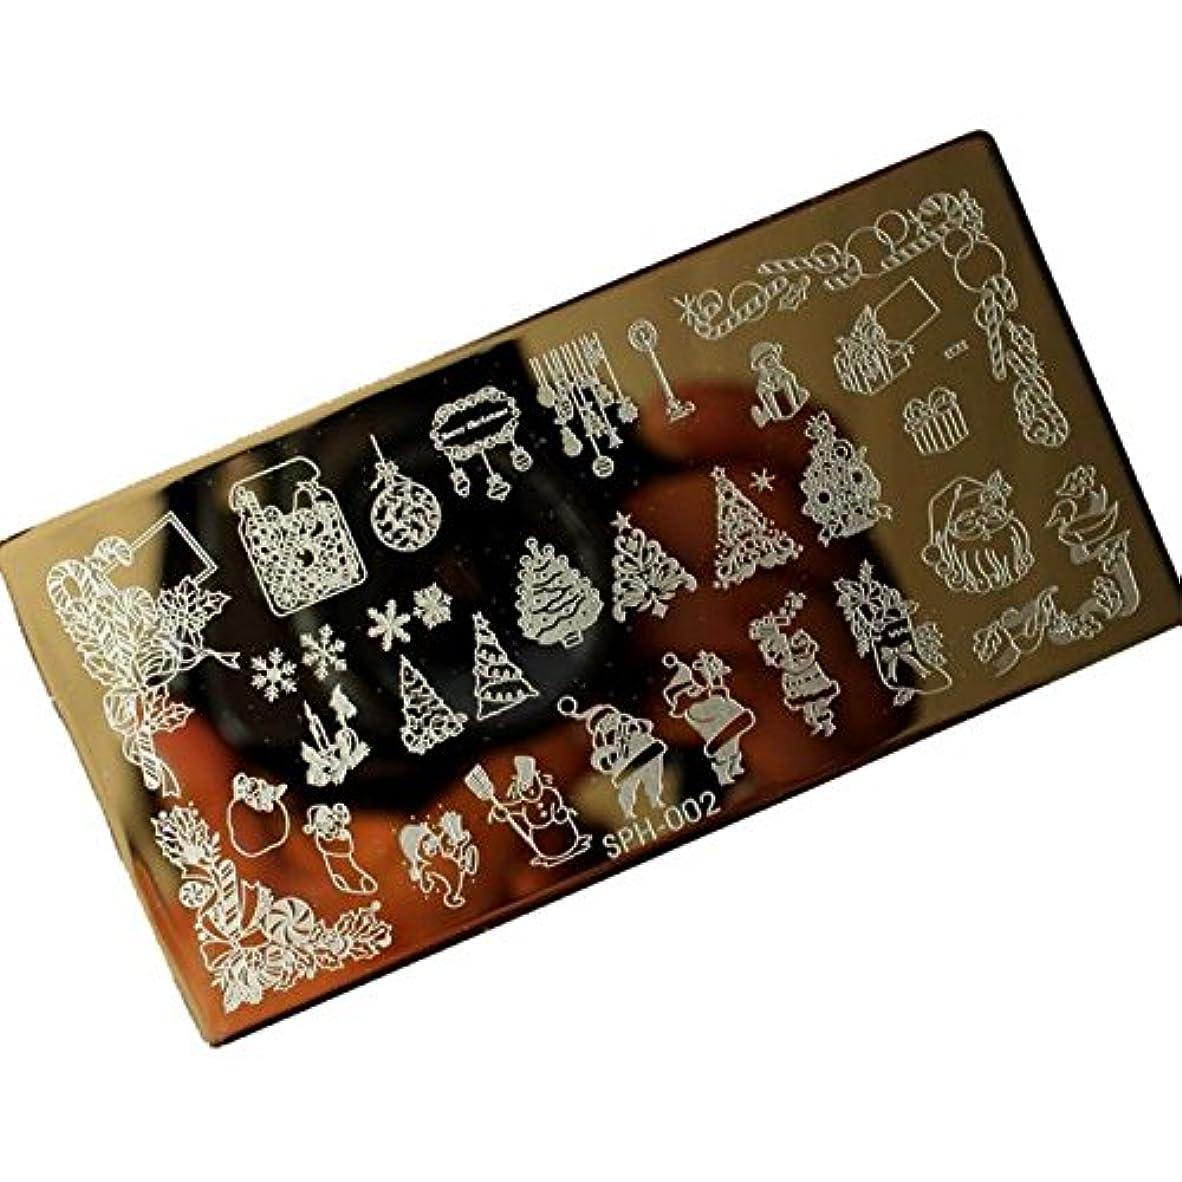 破裂性差別酸化する[ルテンズ] スタンピングプレートセット 花柄 クリスマス ネイルプレート ネイルアートツール ネイルプレート ネイルスタンパー ネイルスタンプ スタンプネイル ネイルデザイン用品